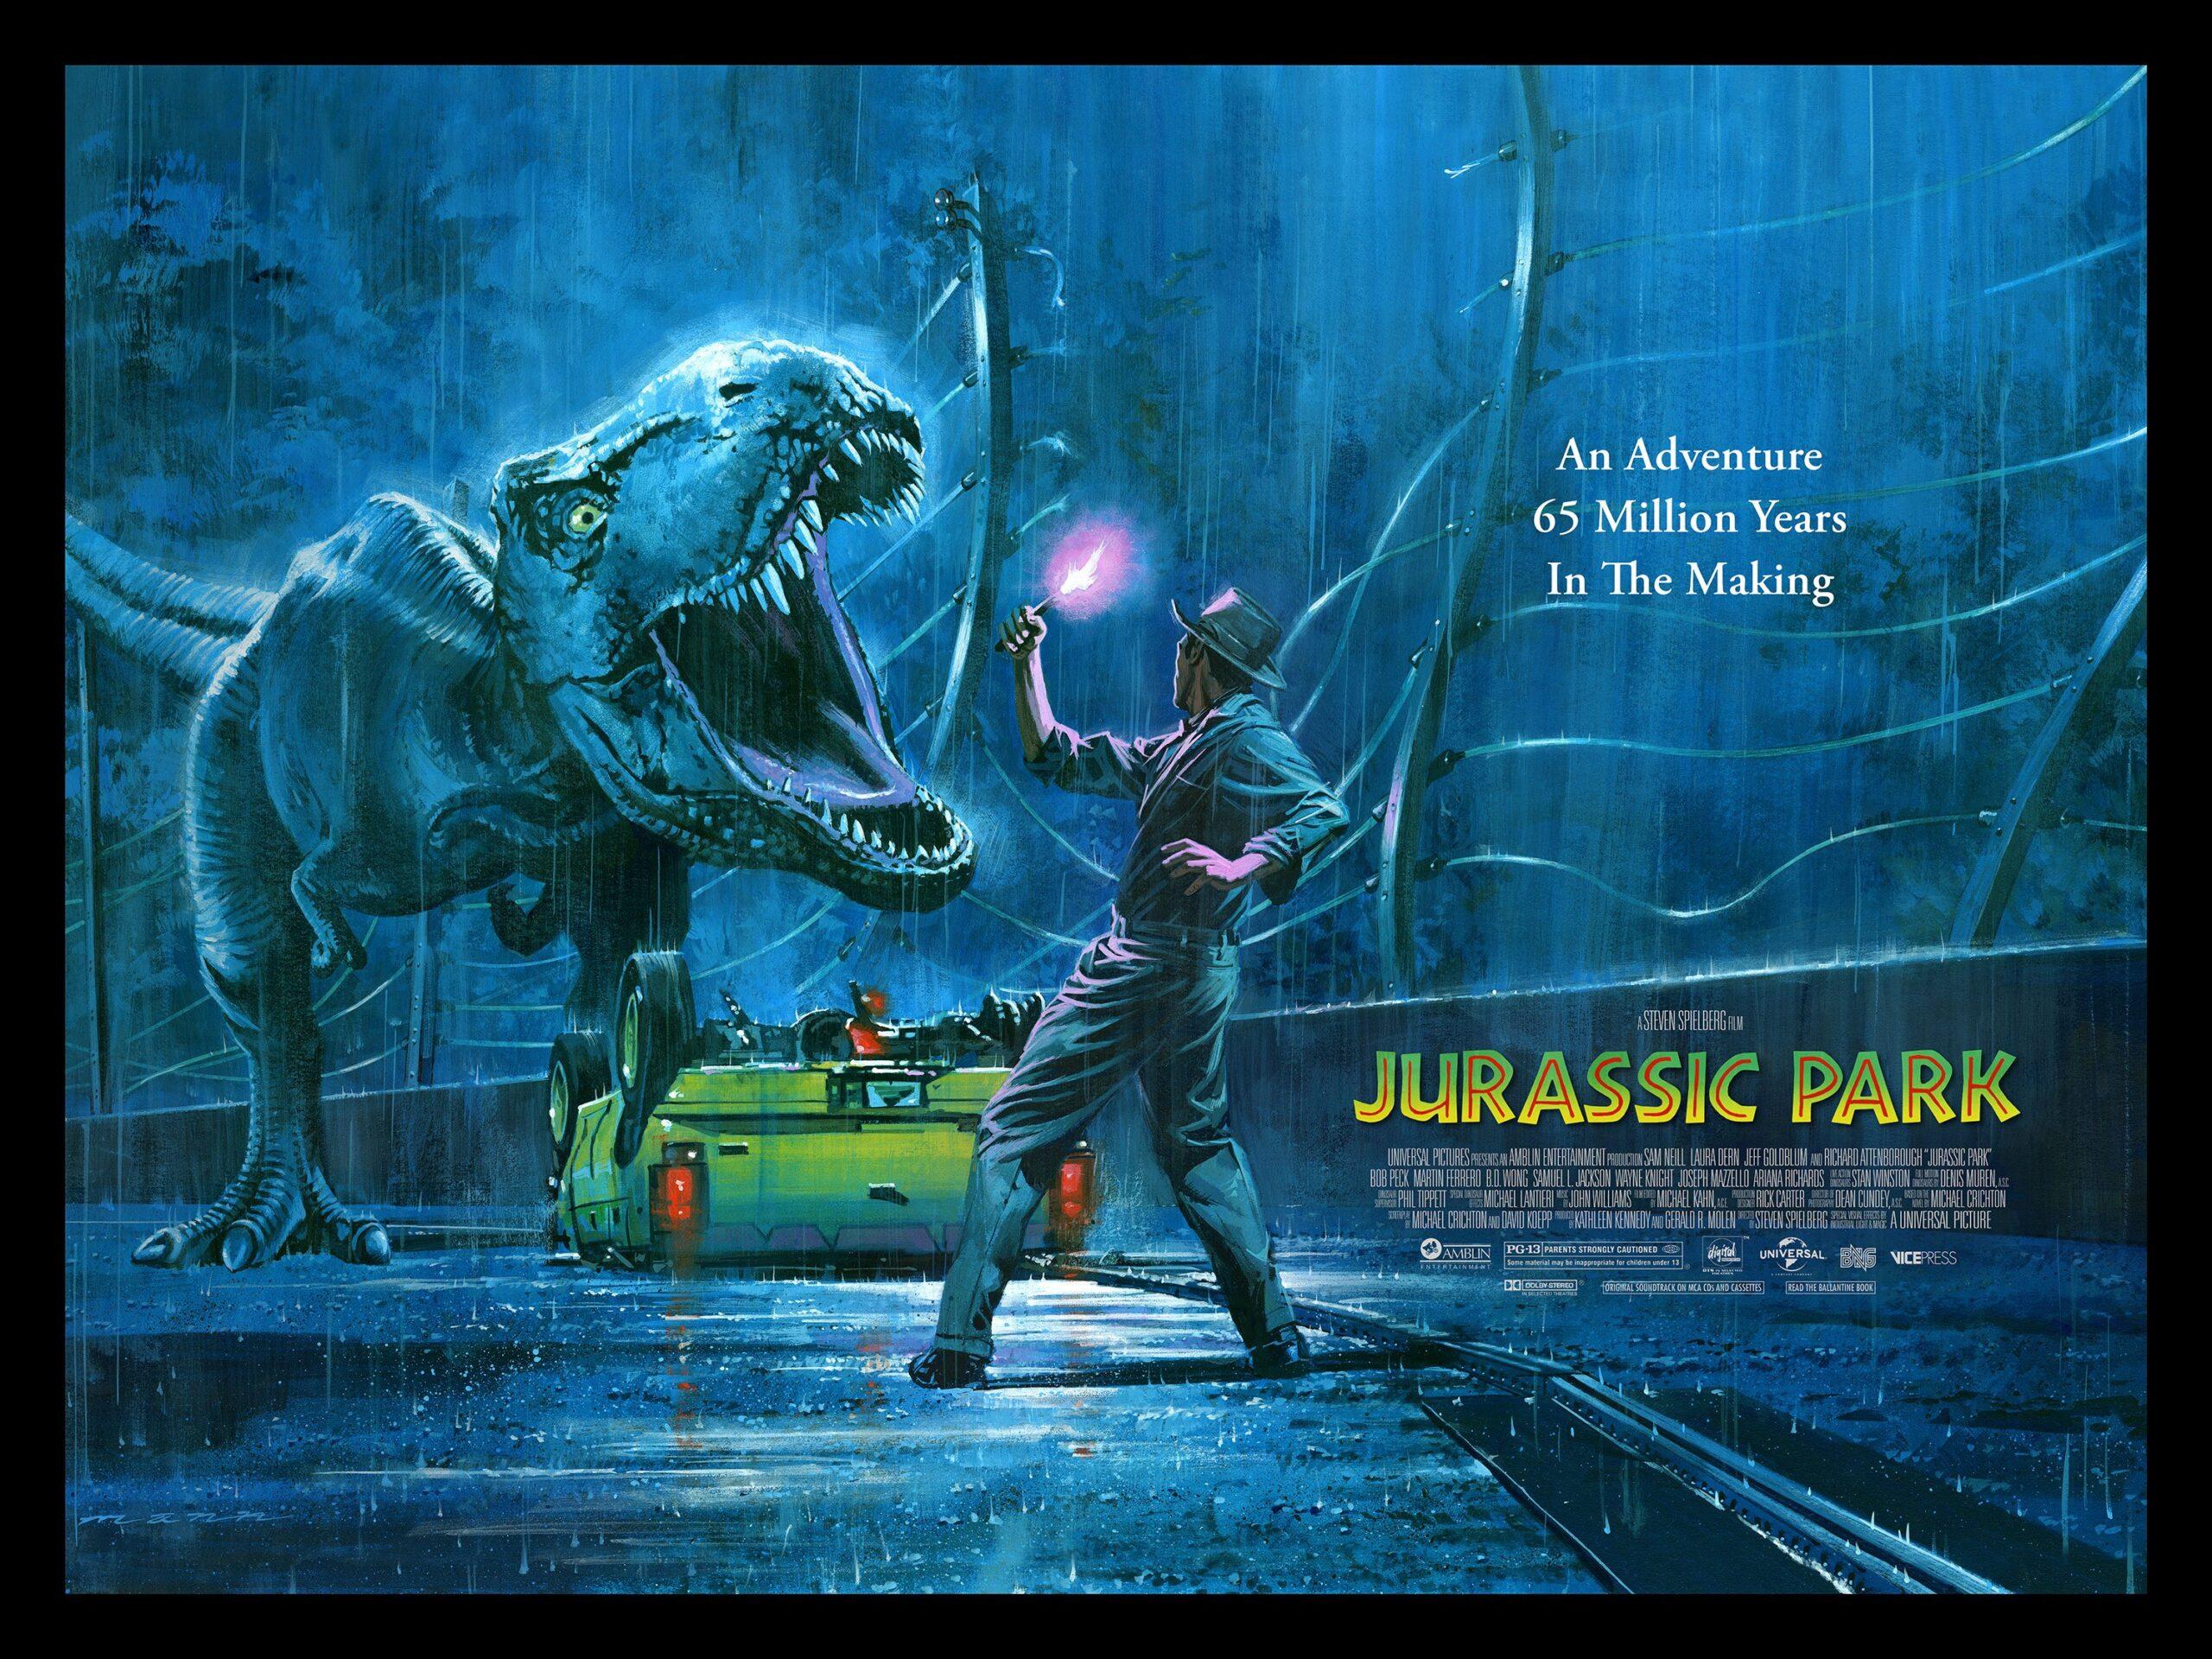 Jurrasic Park Film Poster